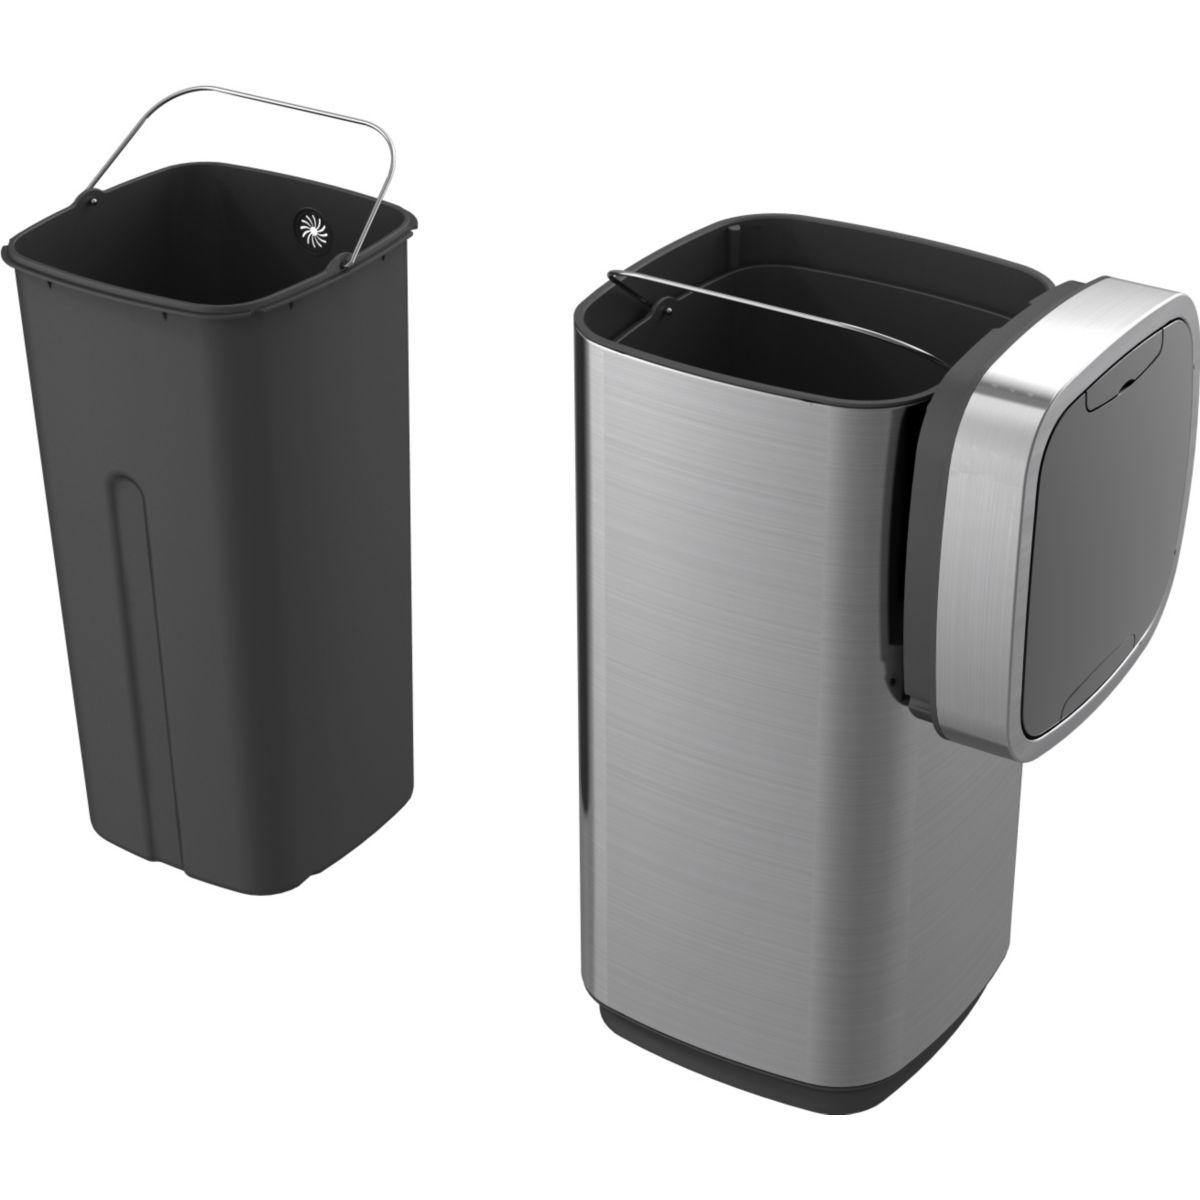 Essentielb 1013561 poubelle automatique 40 l for Habitat poubelle cuisine